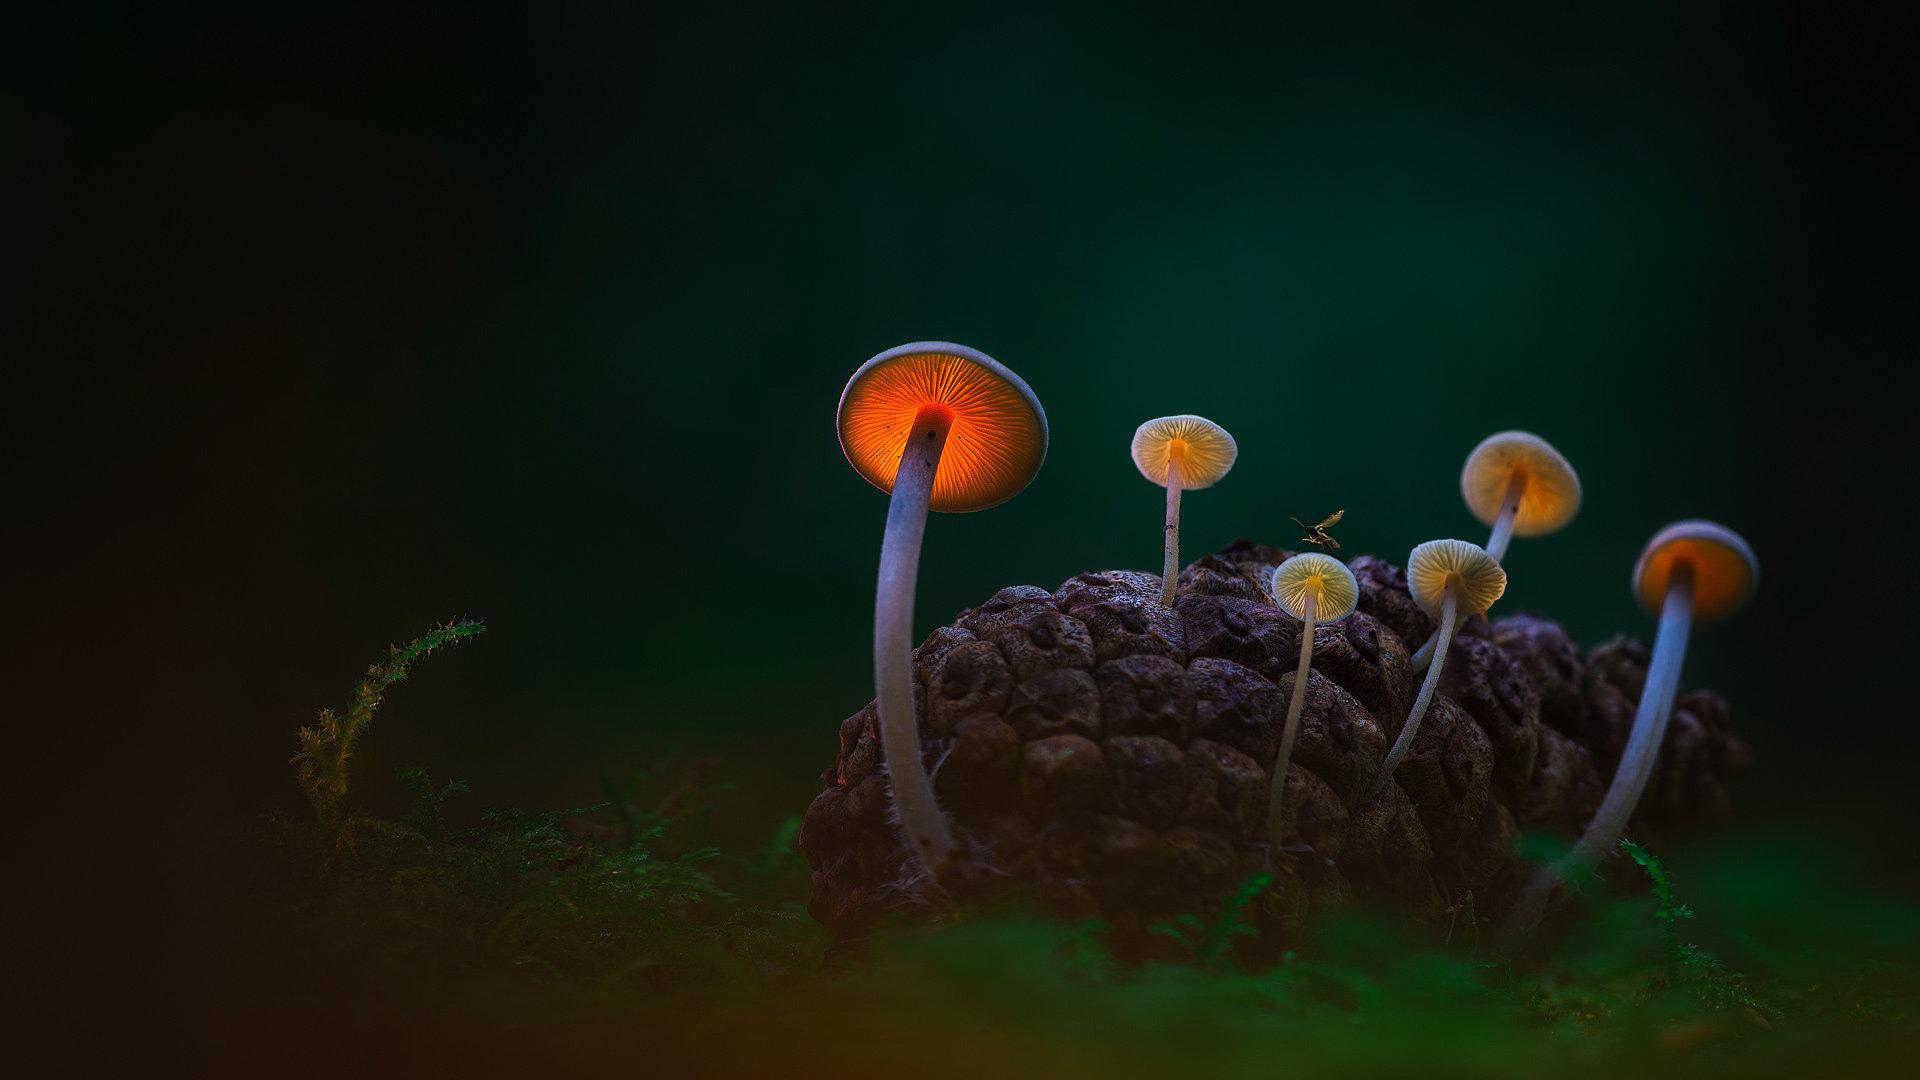 透过蘑菇的暮光